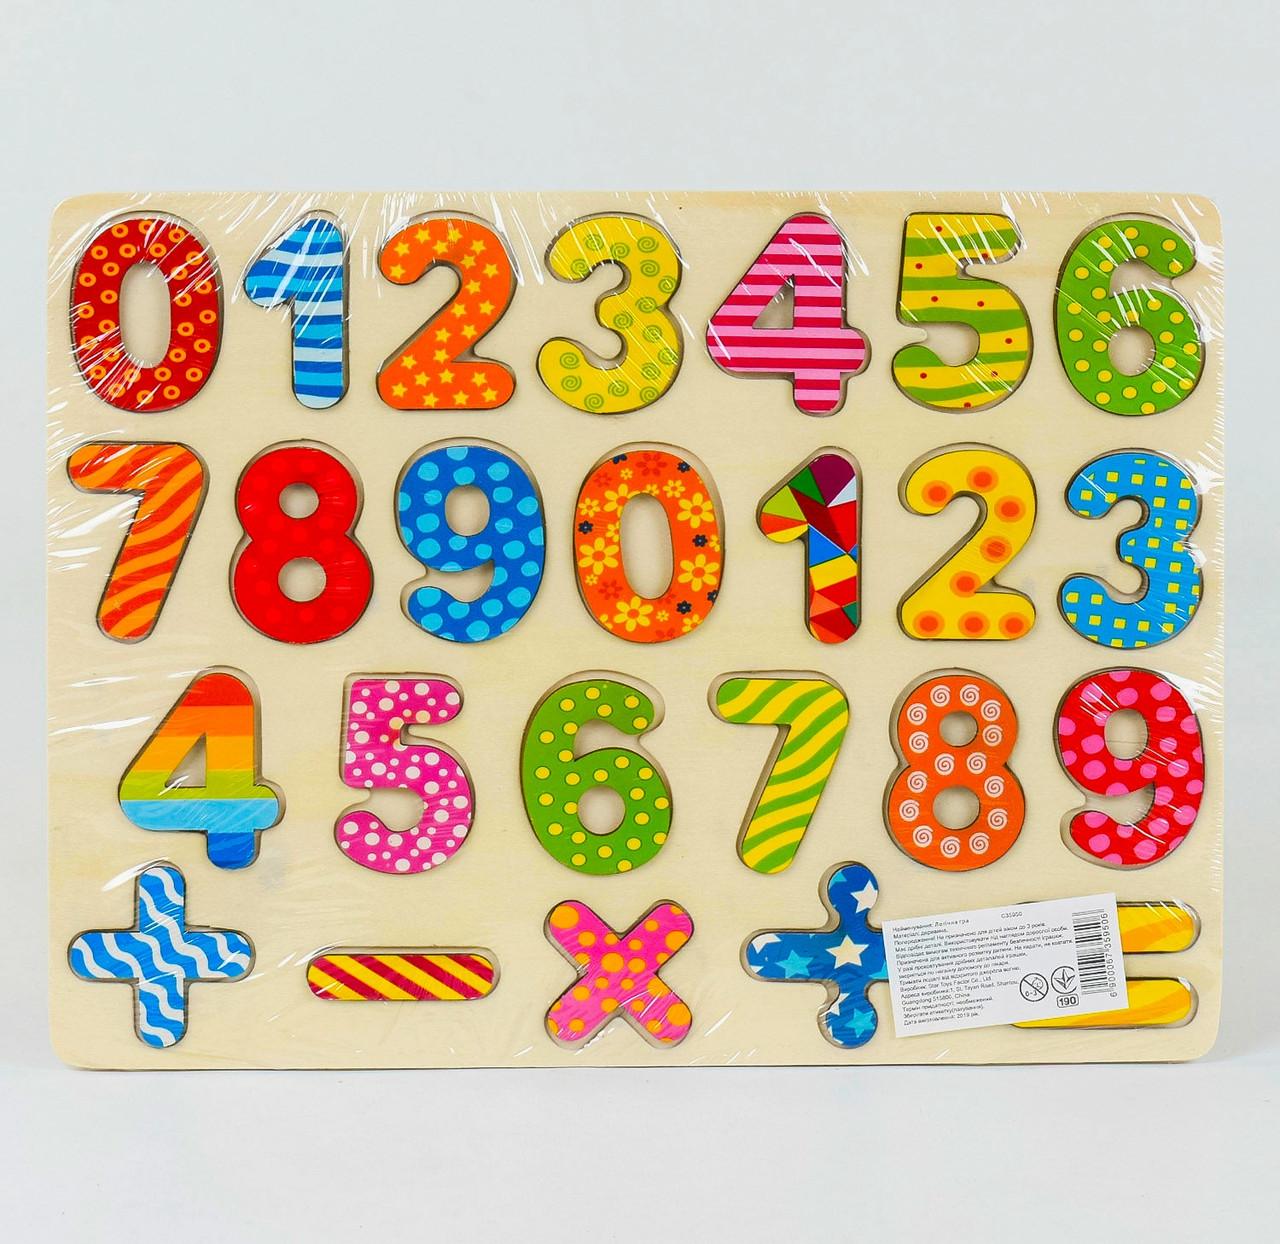 Дерев'яні набір для навчання Цифри, дошка з цифрамы